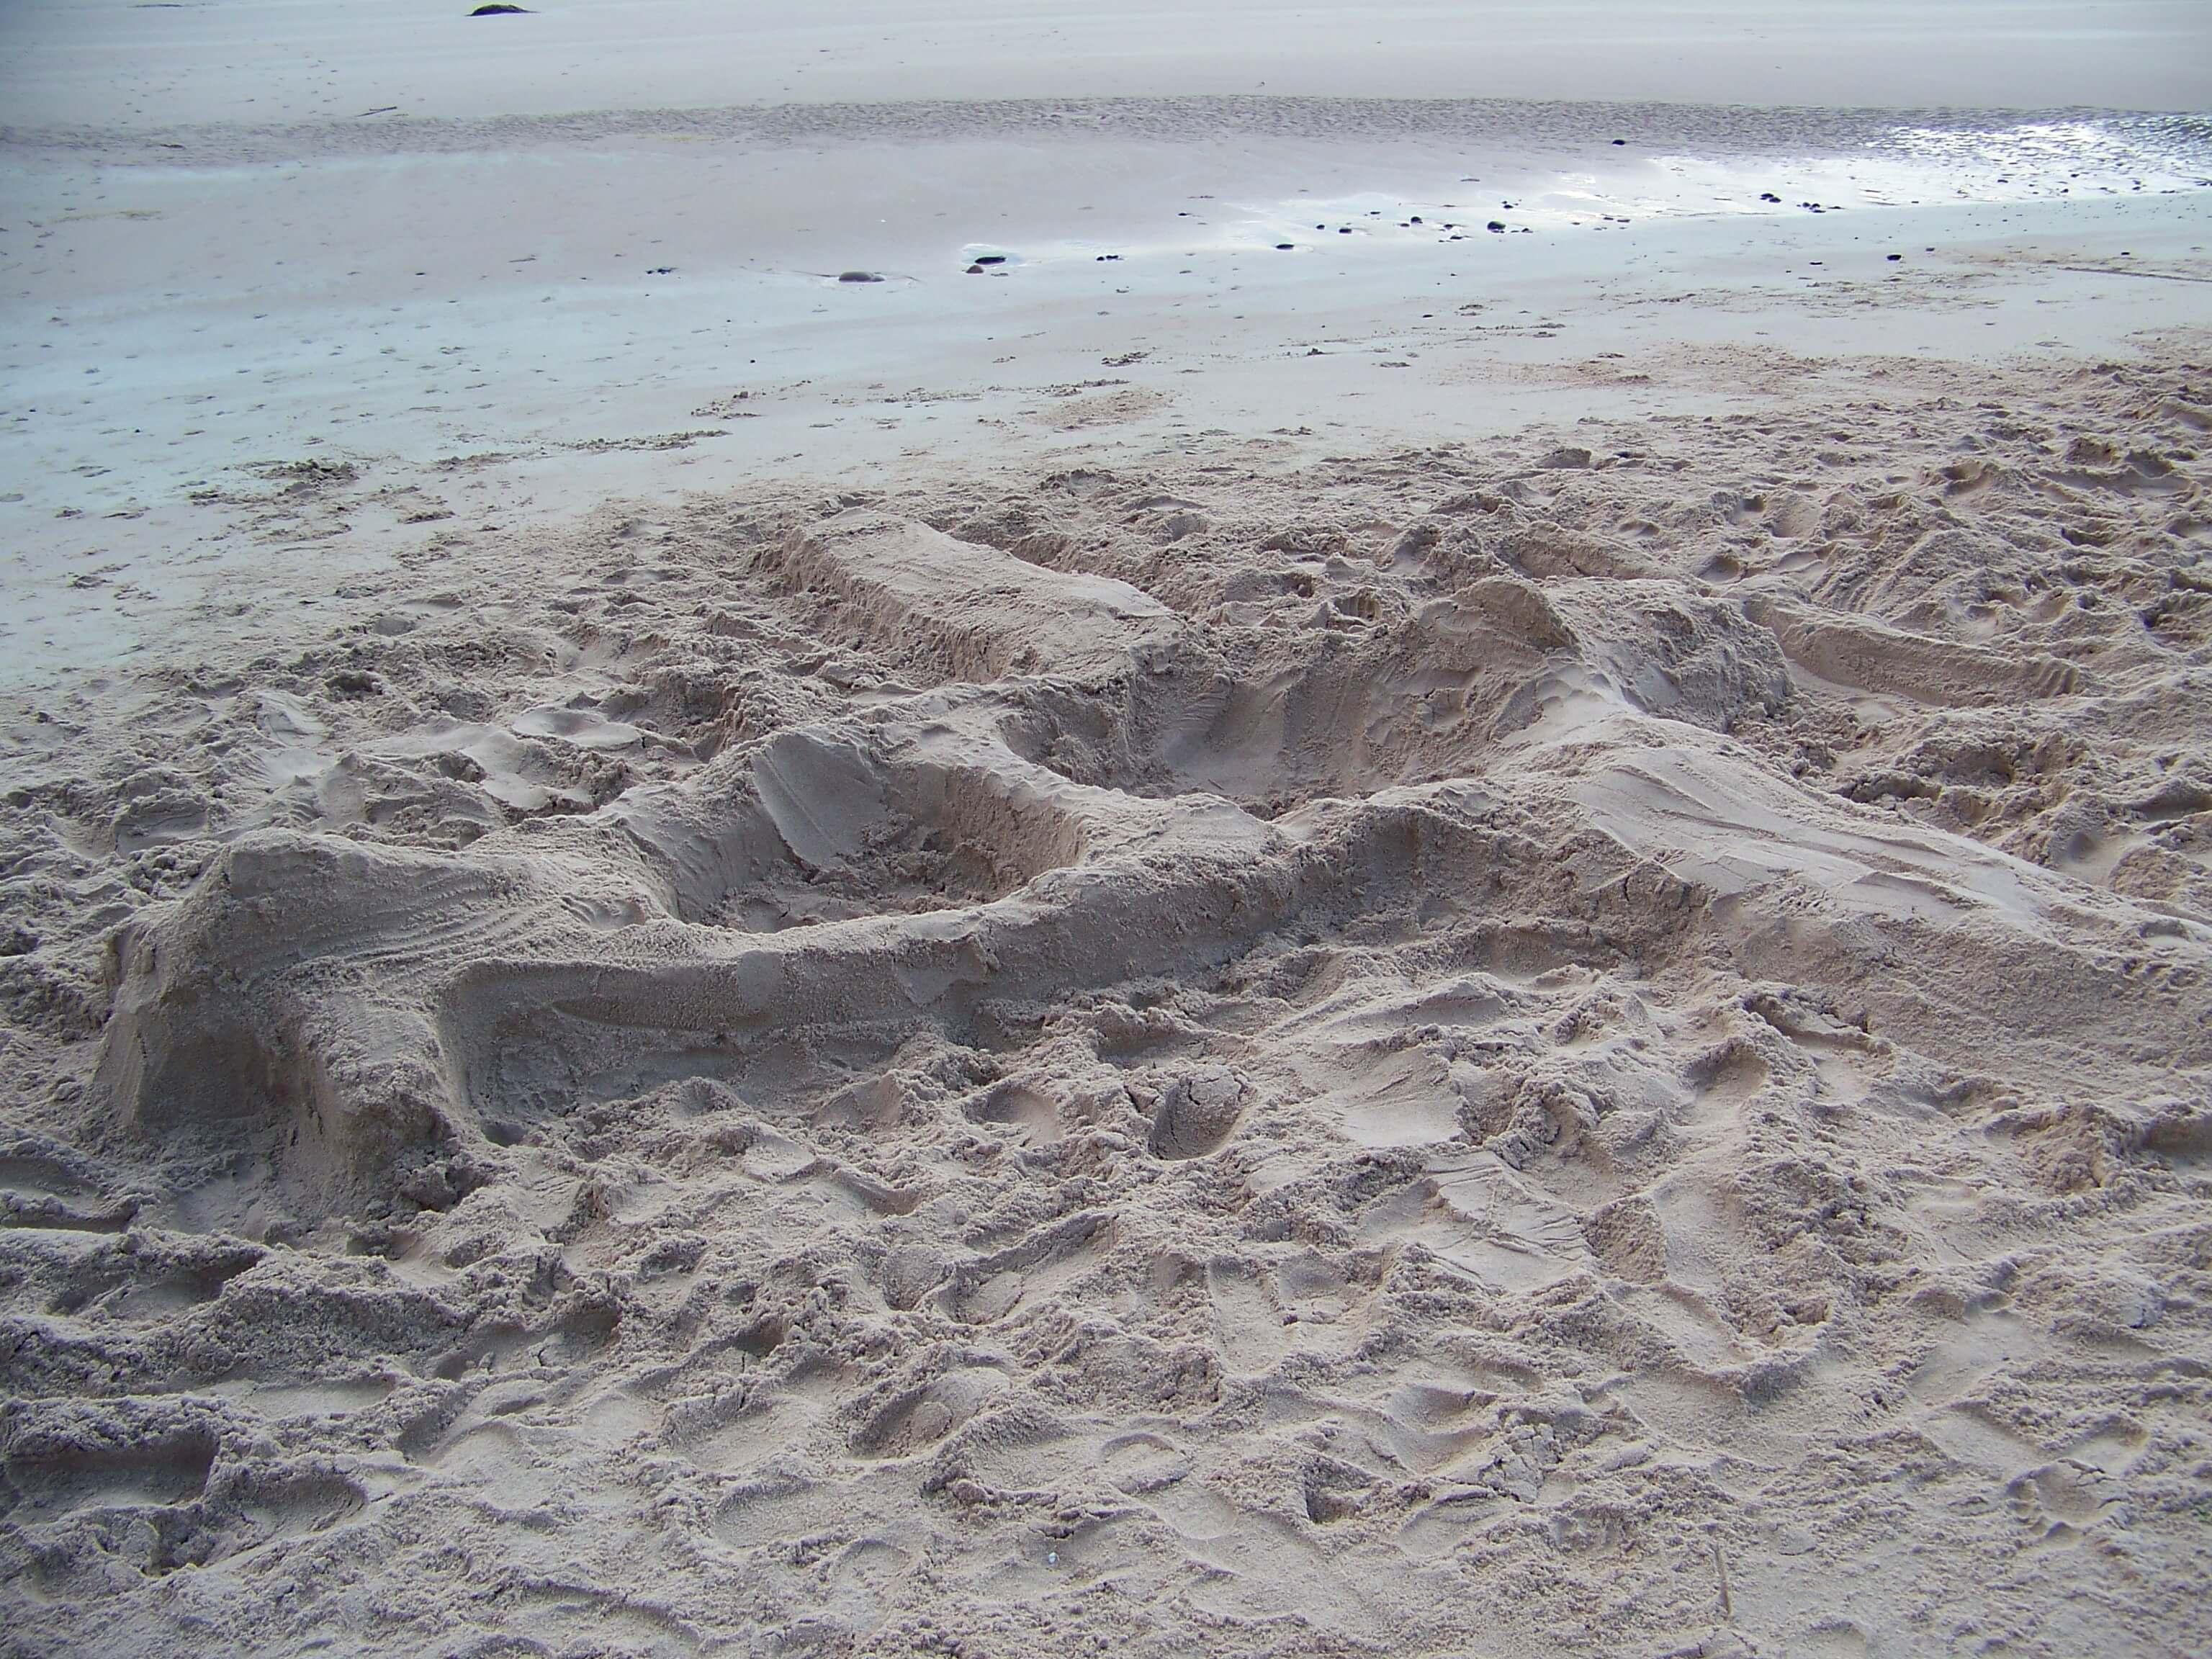 Sand sculpture on the beach, Hoy, Orkney